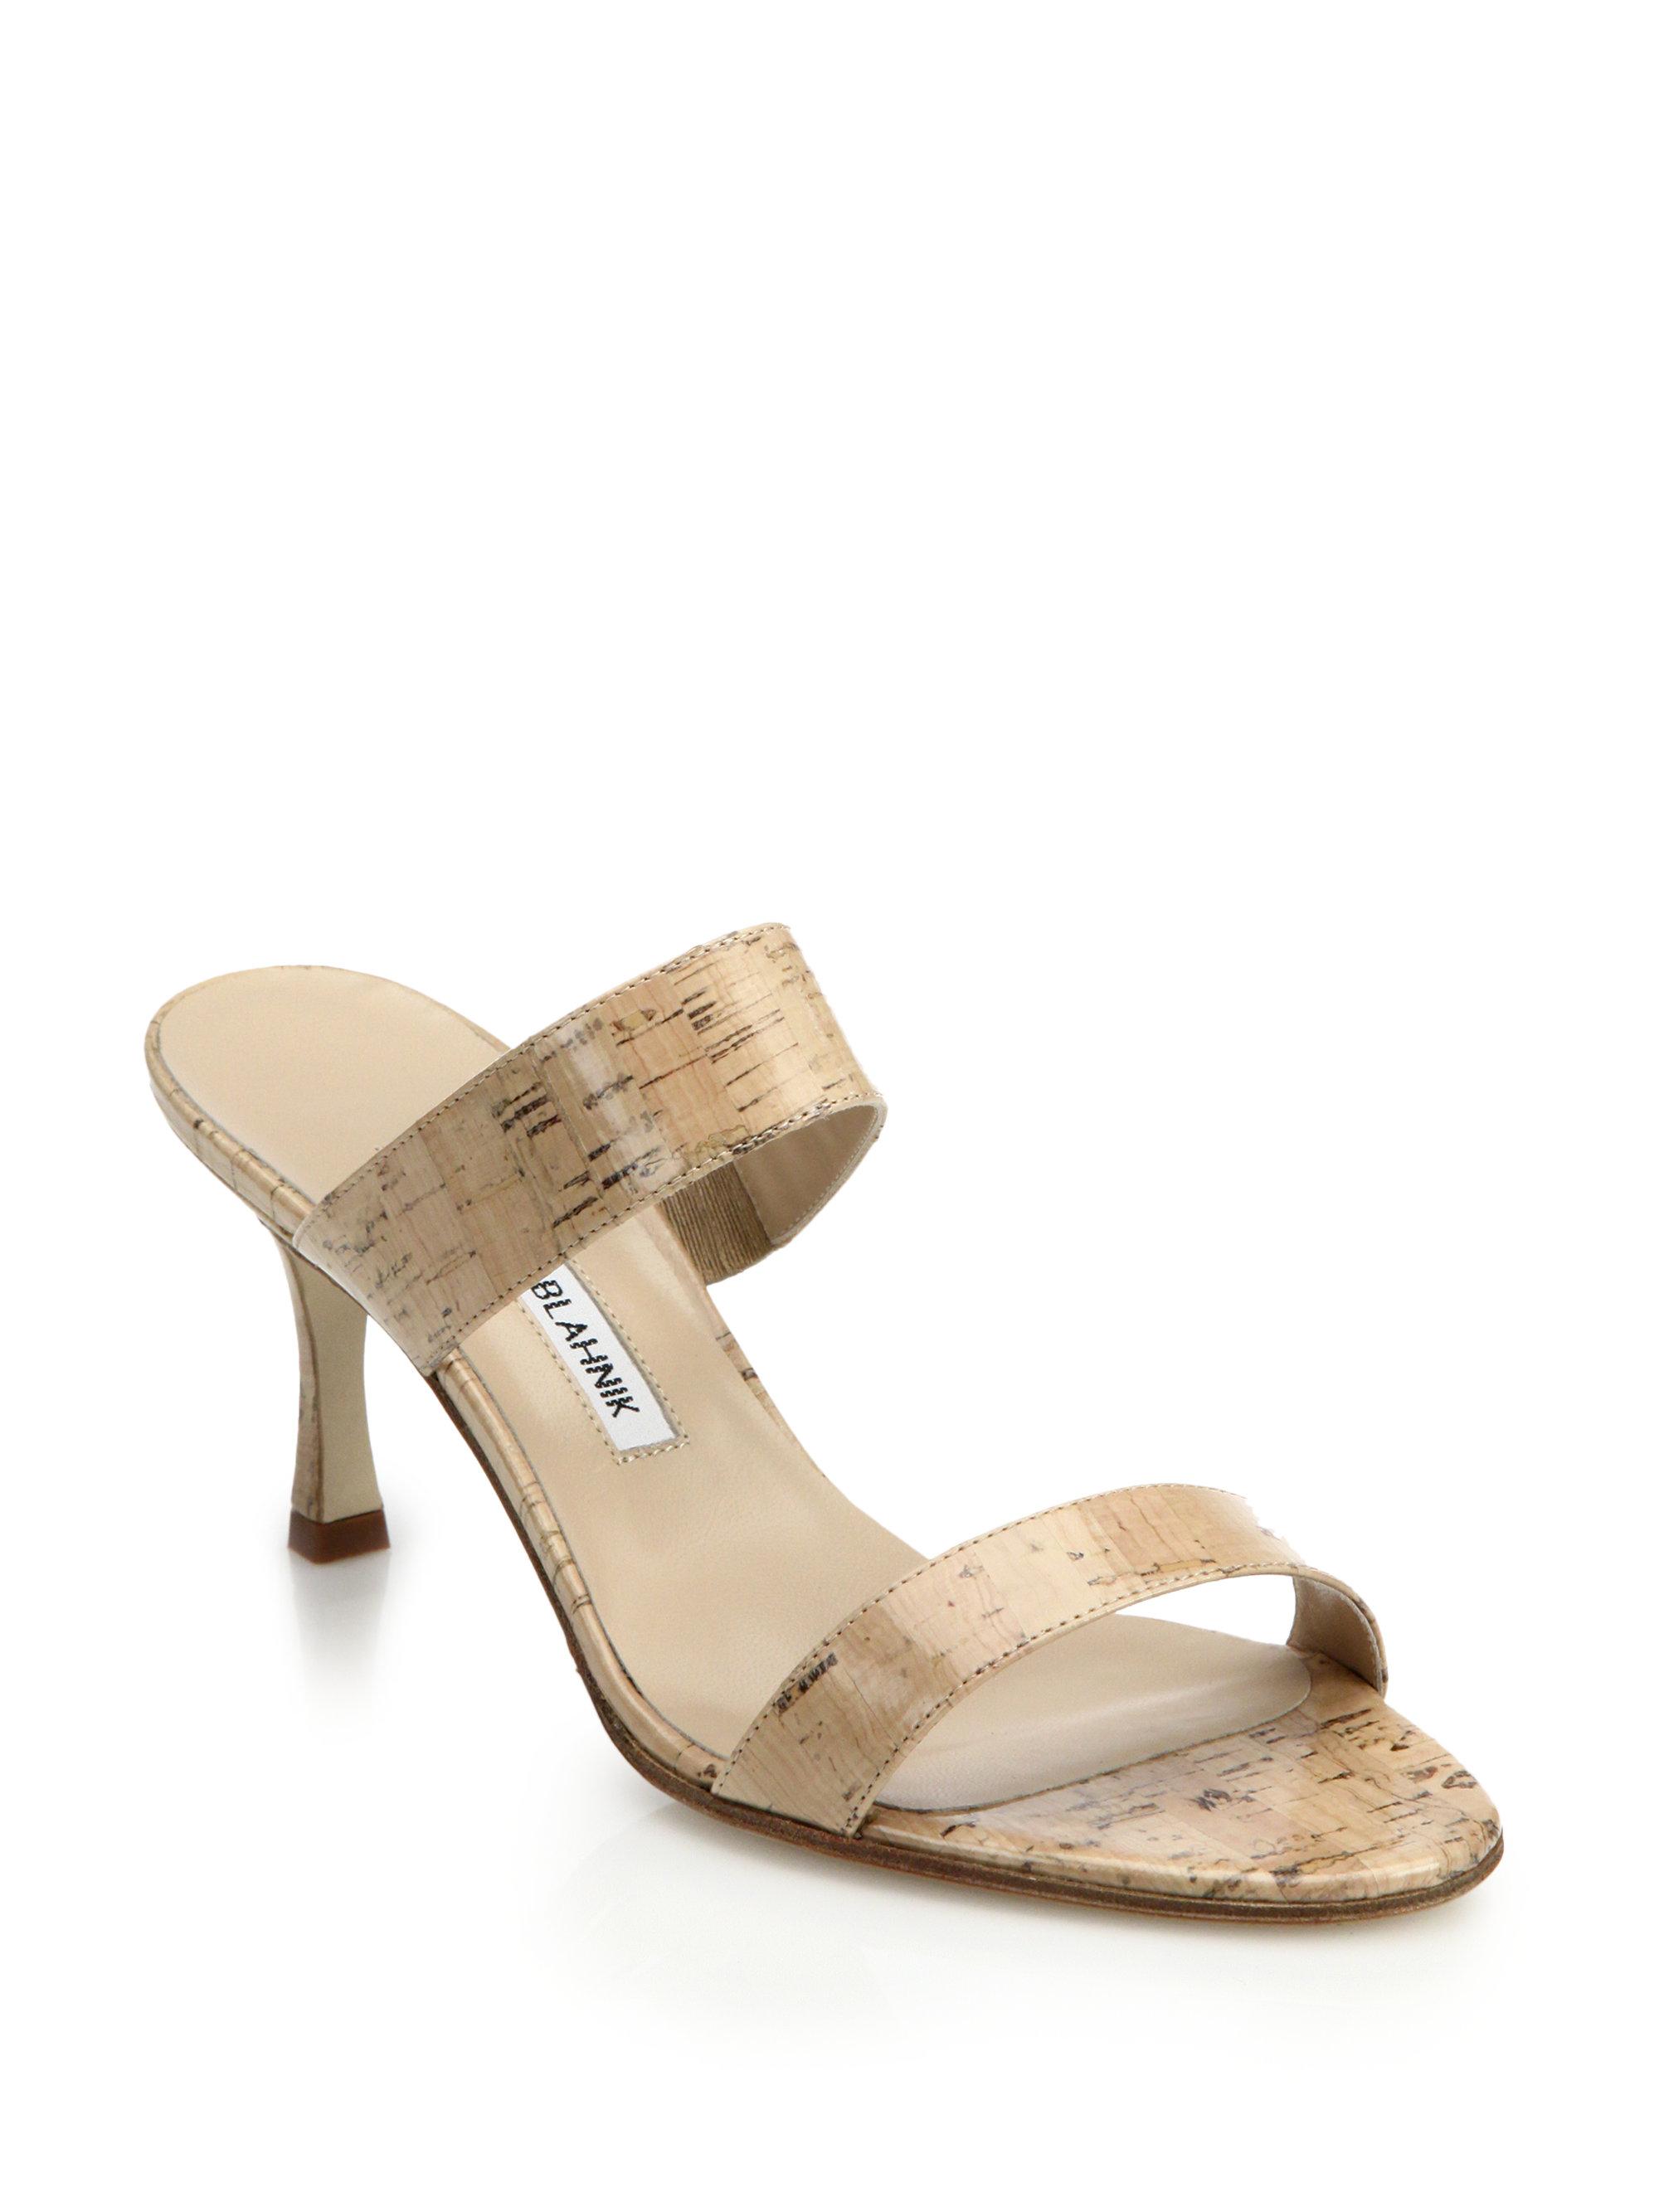 Manolo Blahnik Pat Cork Amp Leather Slide Sandals In Brown